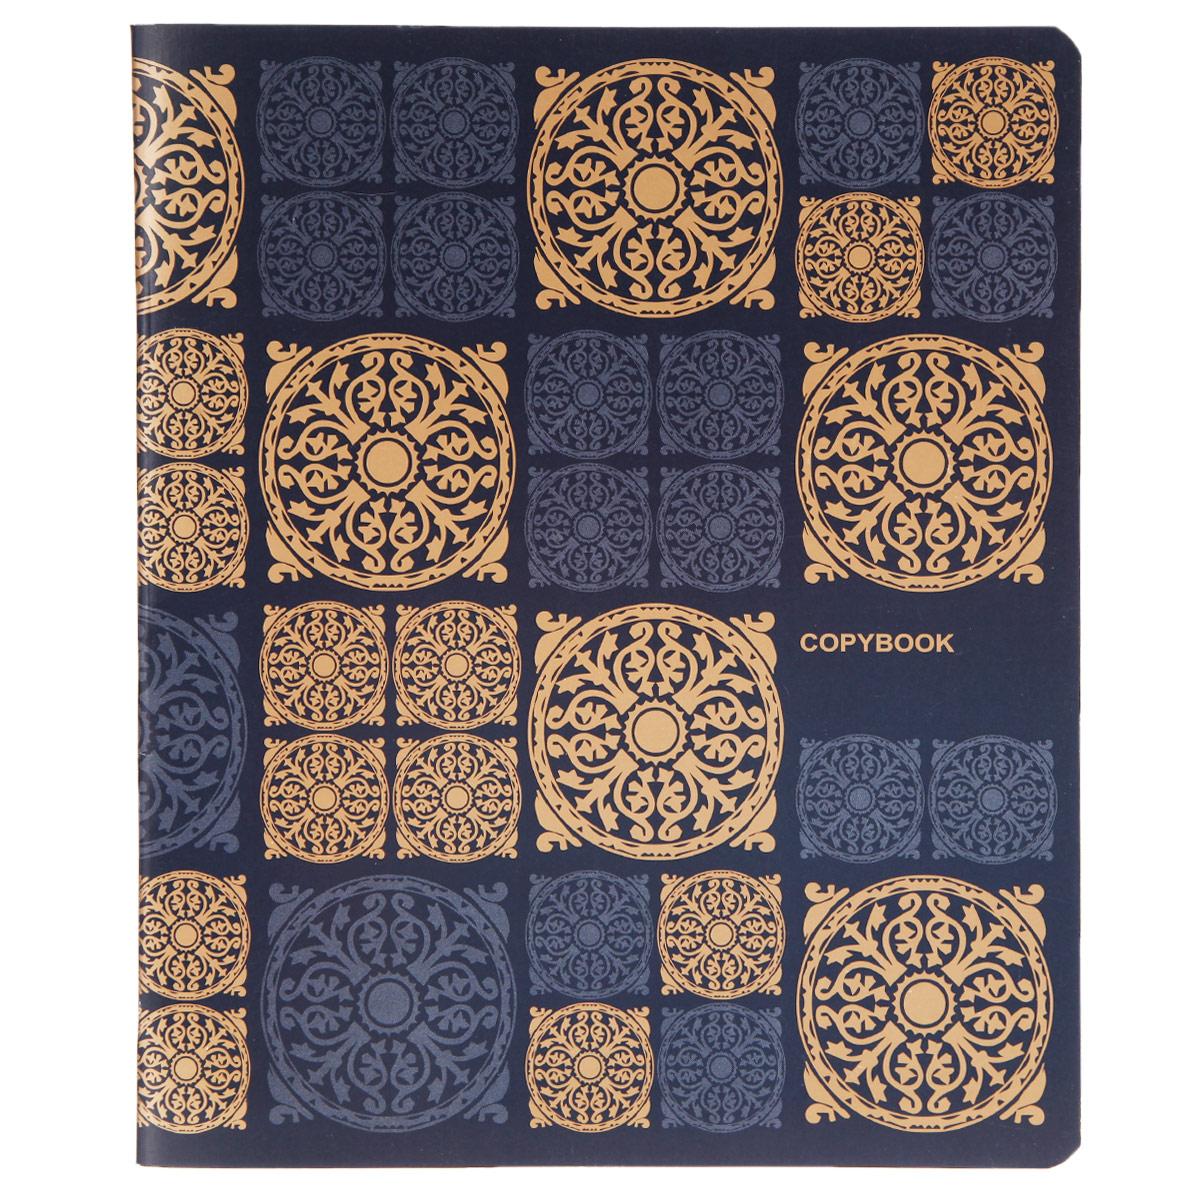 Тетрадь Арабский узор, 48 листов, формат А5, цвет: синий, бронза, рисунок 337577_3Тетрадь в линейку Арабский узор подойдет как студенту, так и школьнику. Обложка тетради оформлена арабскими узорами золотого и бронзового цветов. Обложка с закругленными углами выполнена из плотной бумаги. Внутренний блок состоит из 48 листов белой бумаги. Стандартная линовка в клетку дополнена полями, совпадающими с лицевой и оборотной стороны листа.